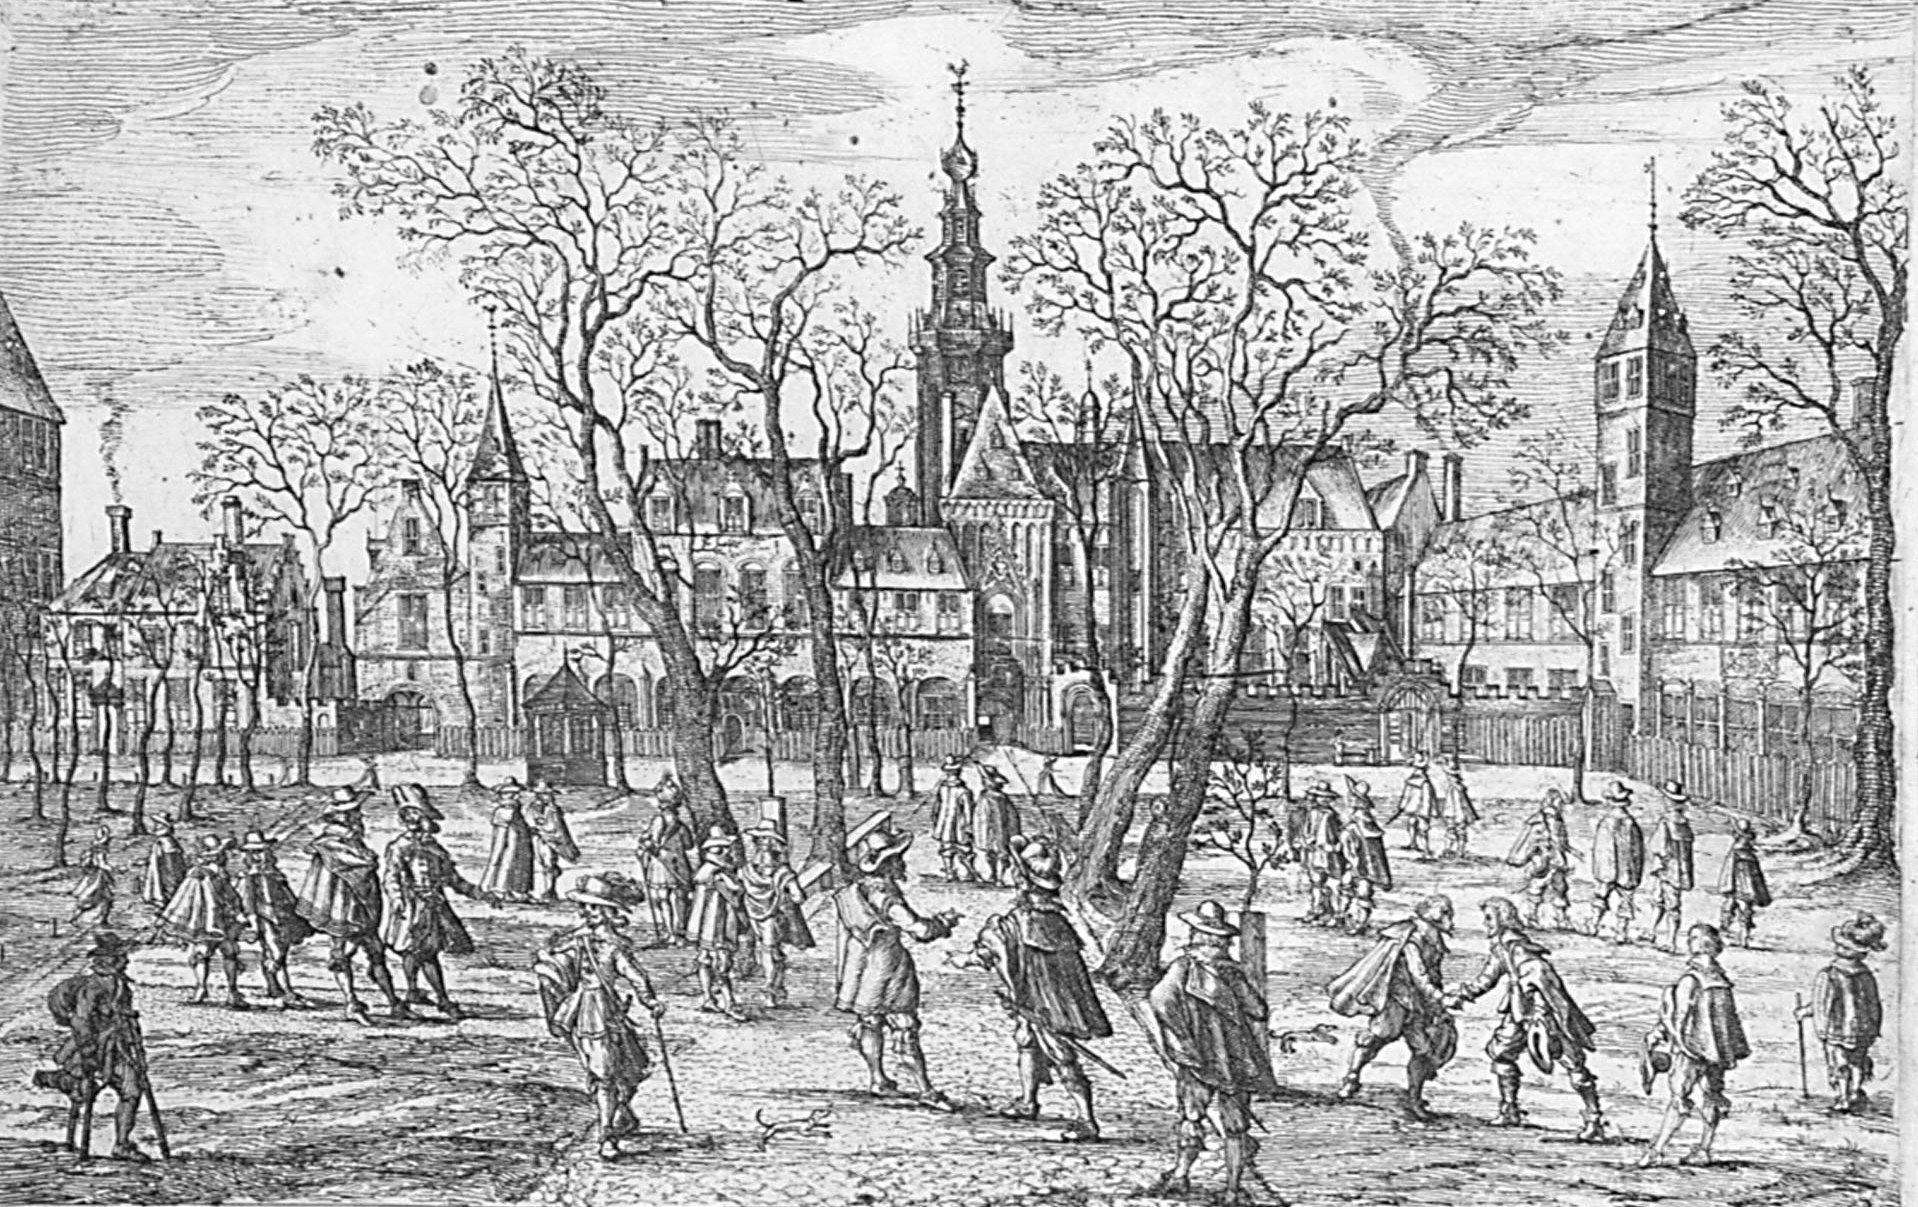 De 'Hof van Zeeland', de Abdij in Middelburg, waar onder andere de Staten vergaderden. (Zeeuws Archief, collectie Zeeuws Genootschap, Zelandia Illustrata)